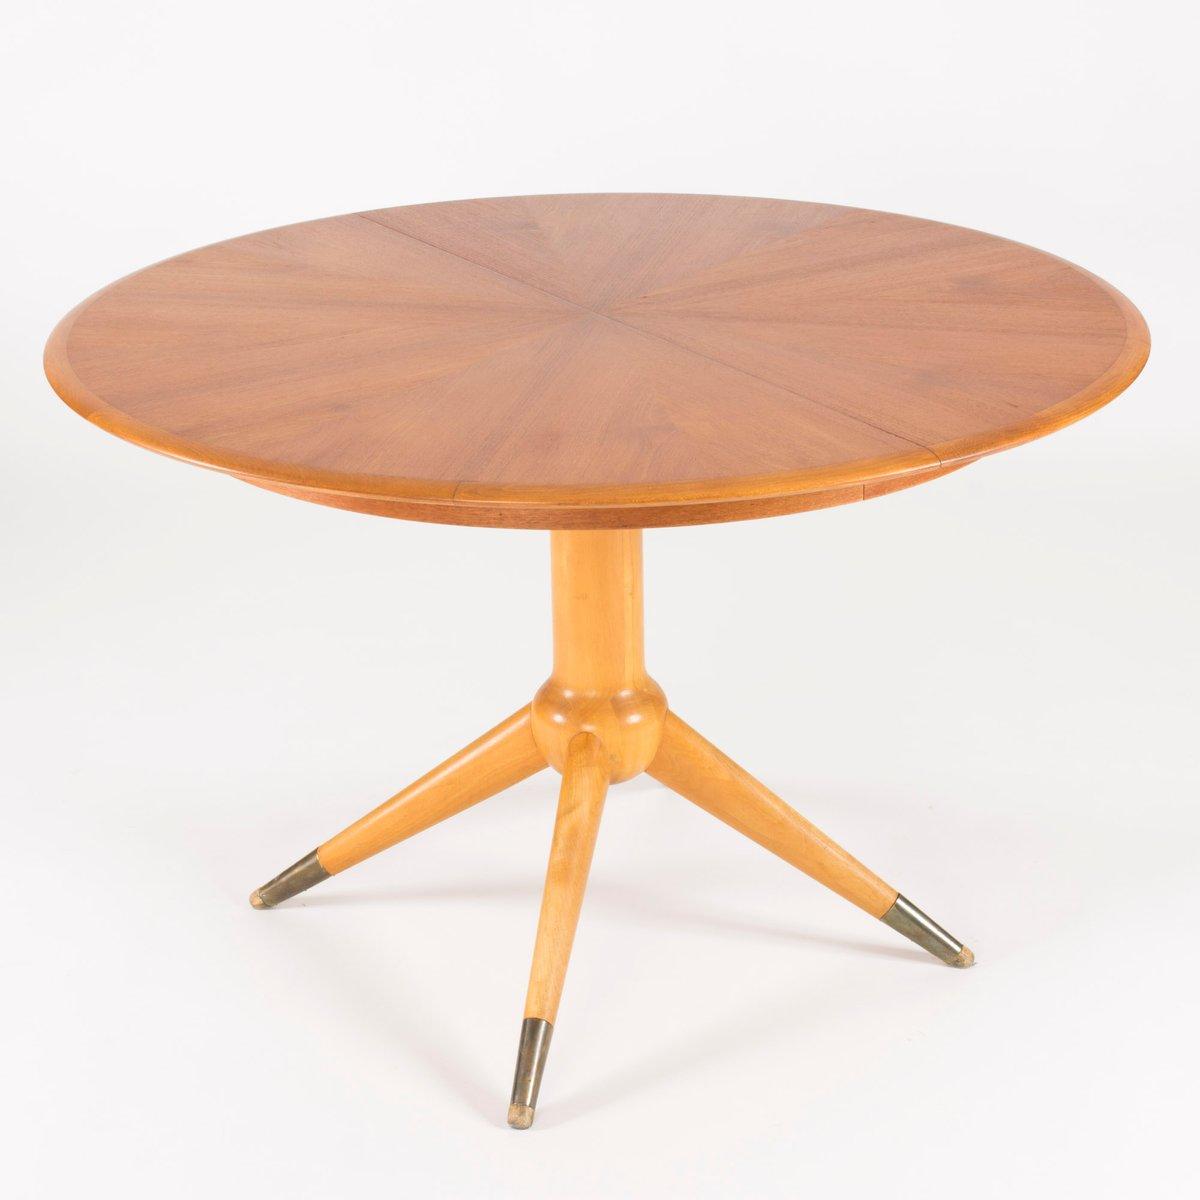 Round Teak Veneer Dining Table By David Ros N For Nordiska Kompaniet 1950s F